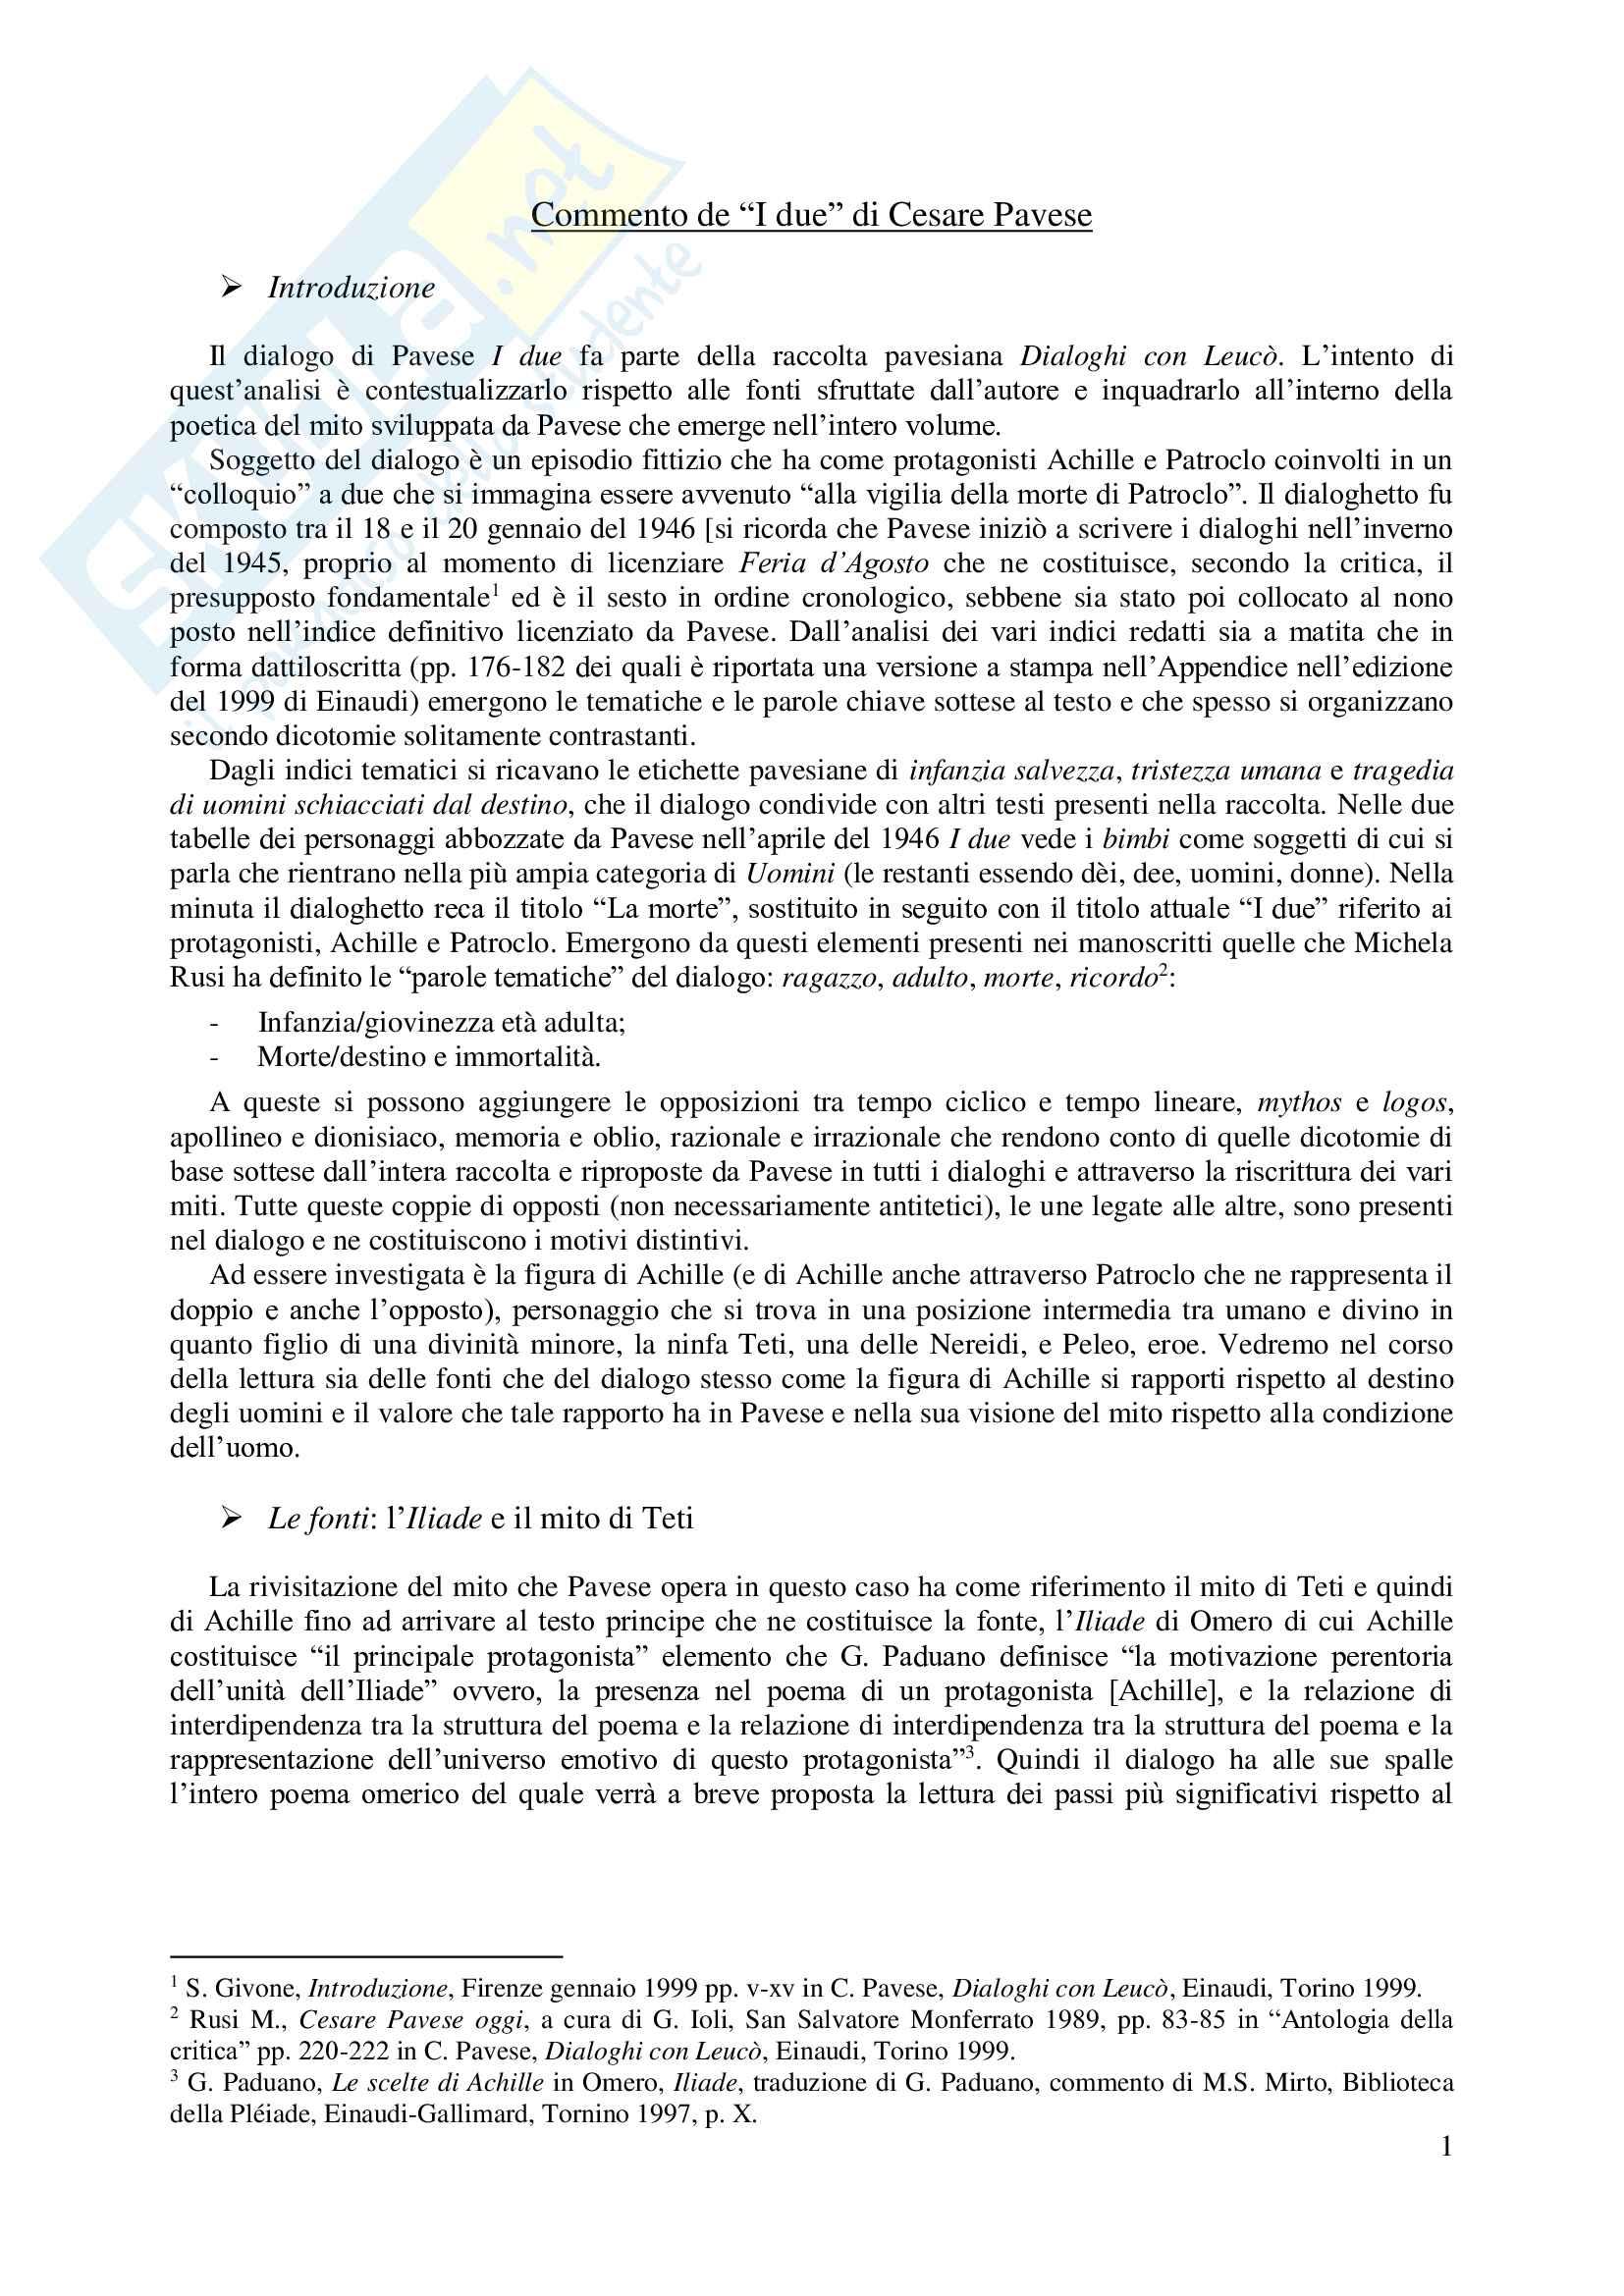 """Commento su """"I due"""" di Cesare Pavese tratto dai """"Dialoghi con Leucò"""""""